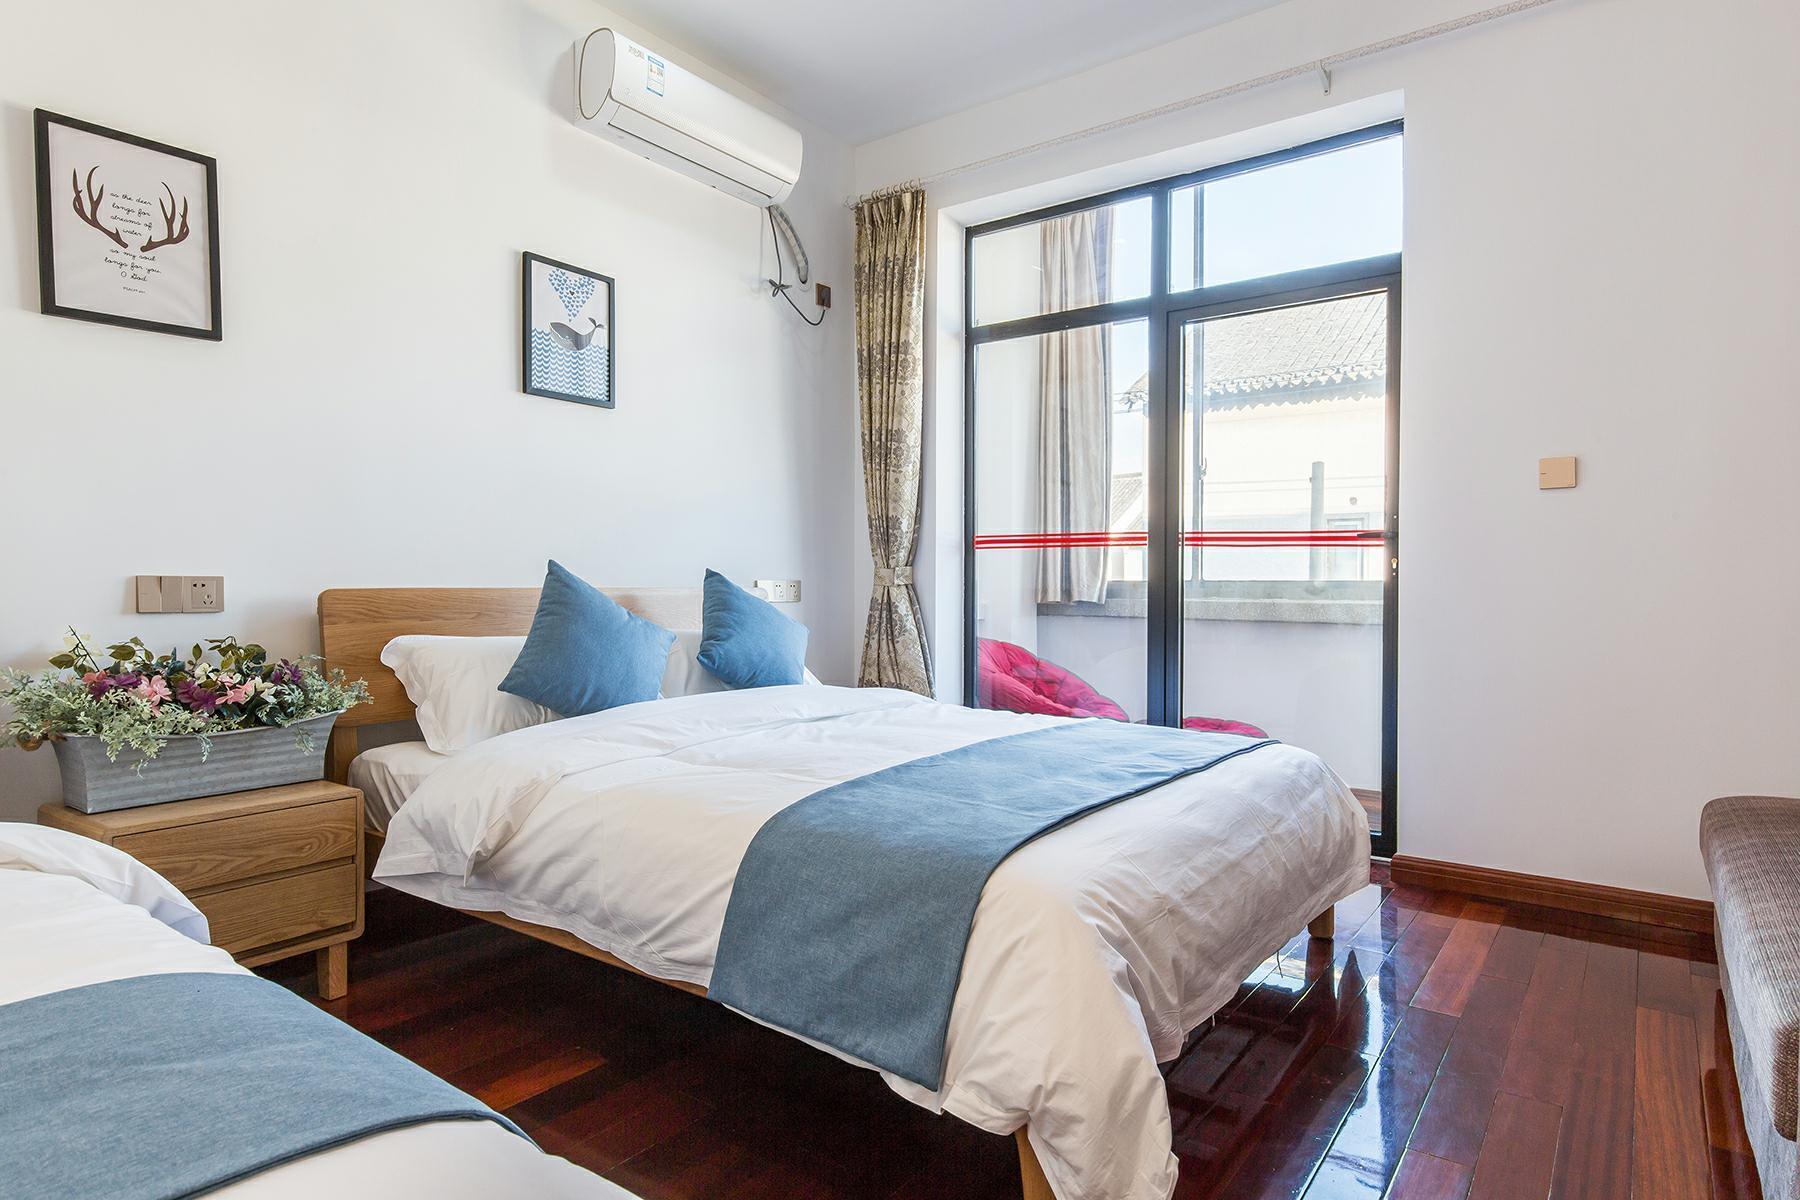 Price Balcony leisure family room 203